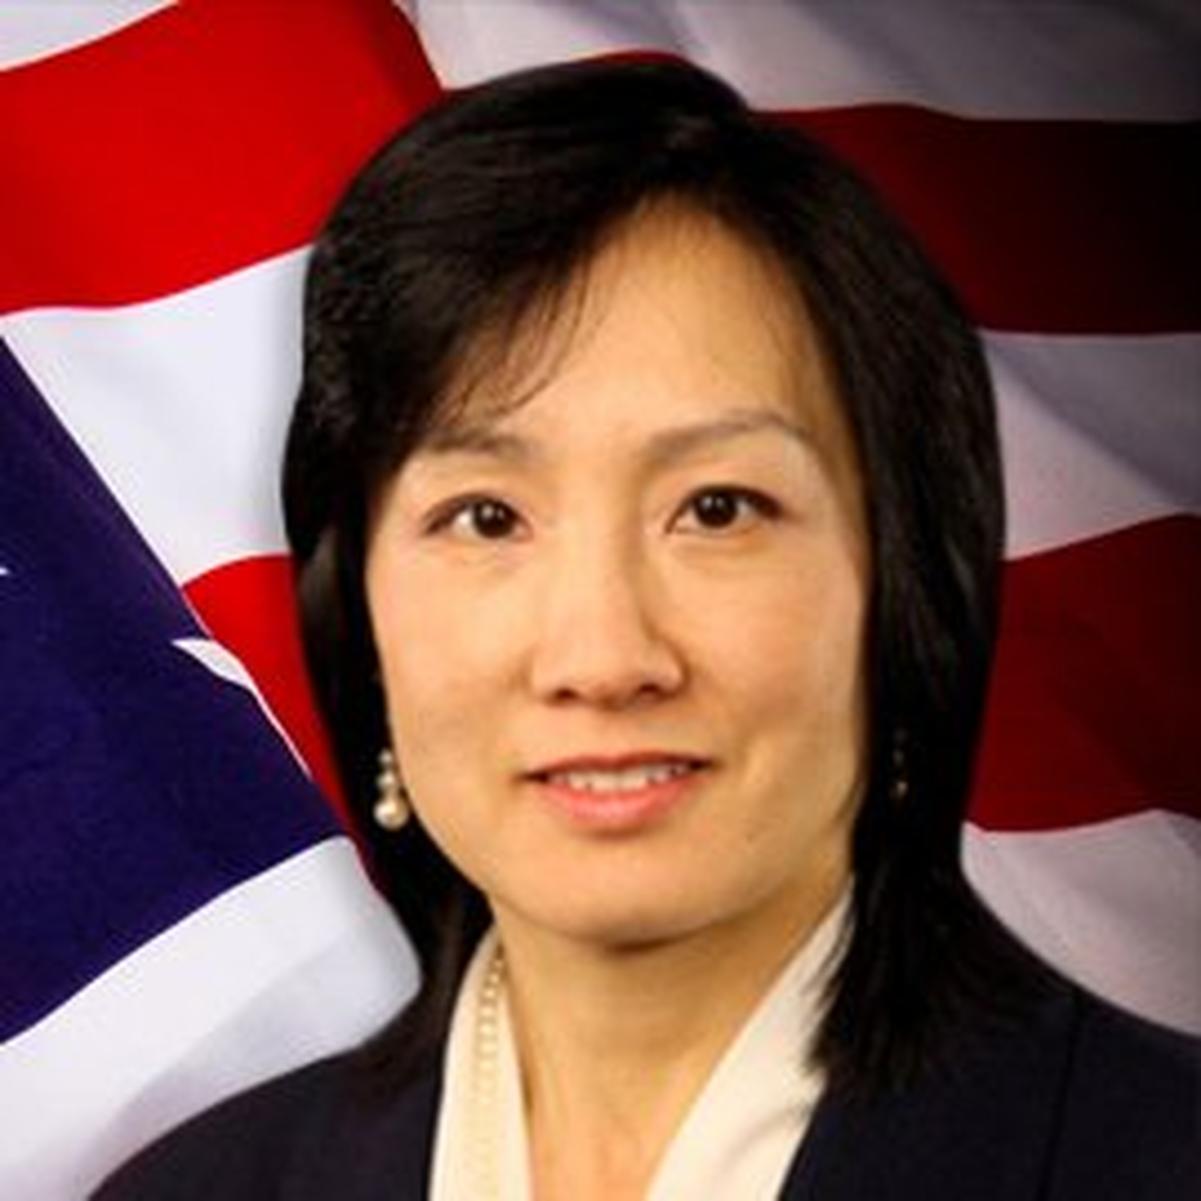 The Hon. Michelle K. Lee